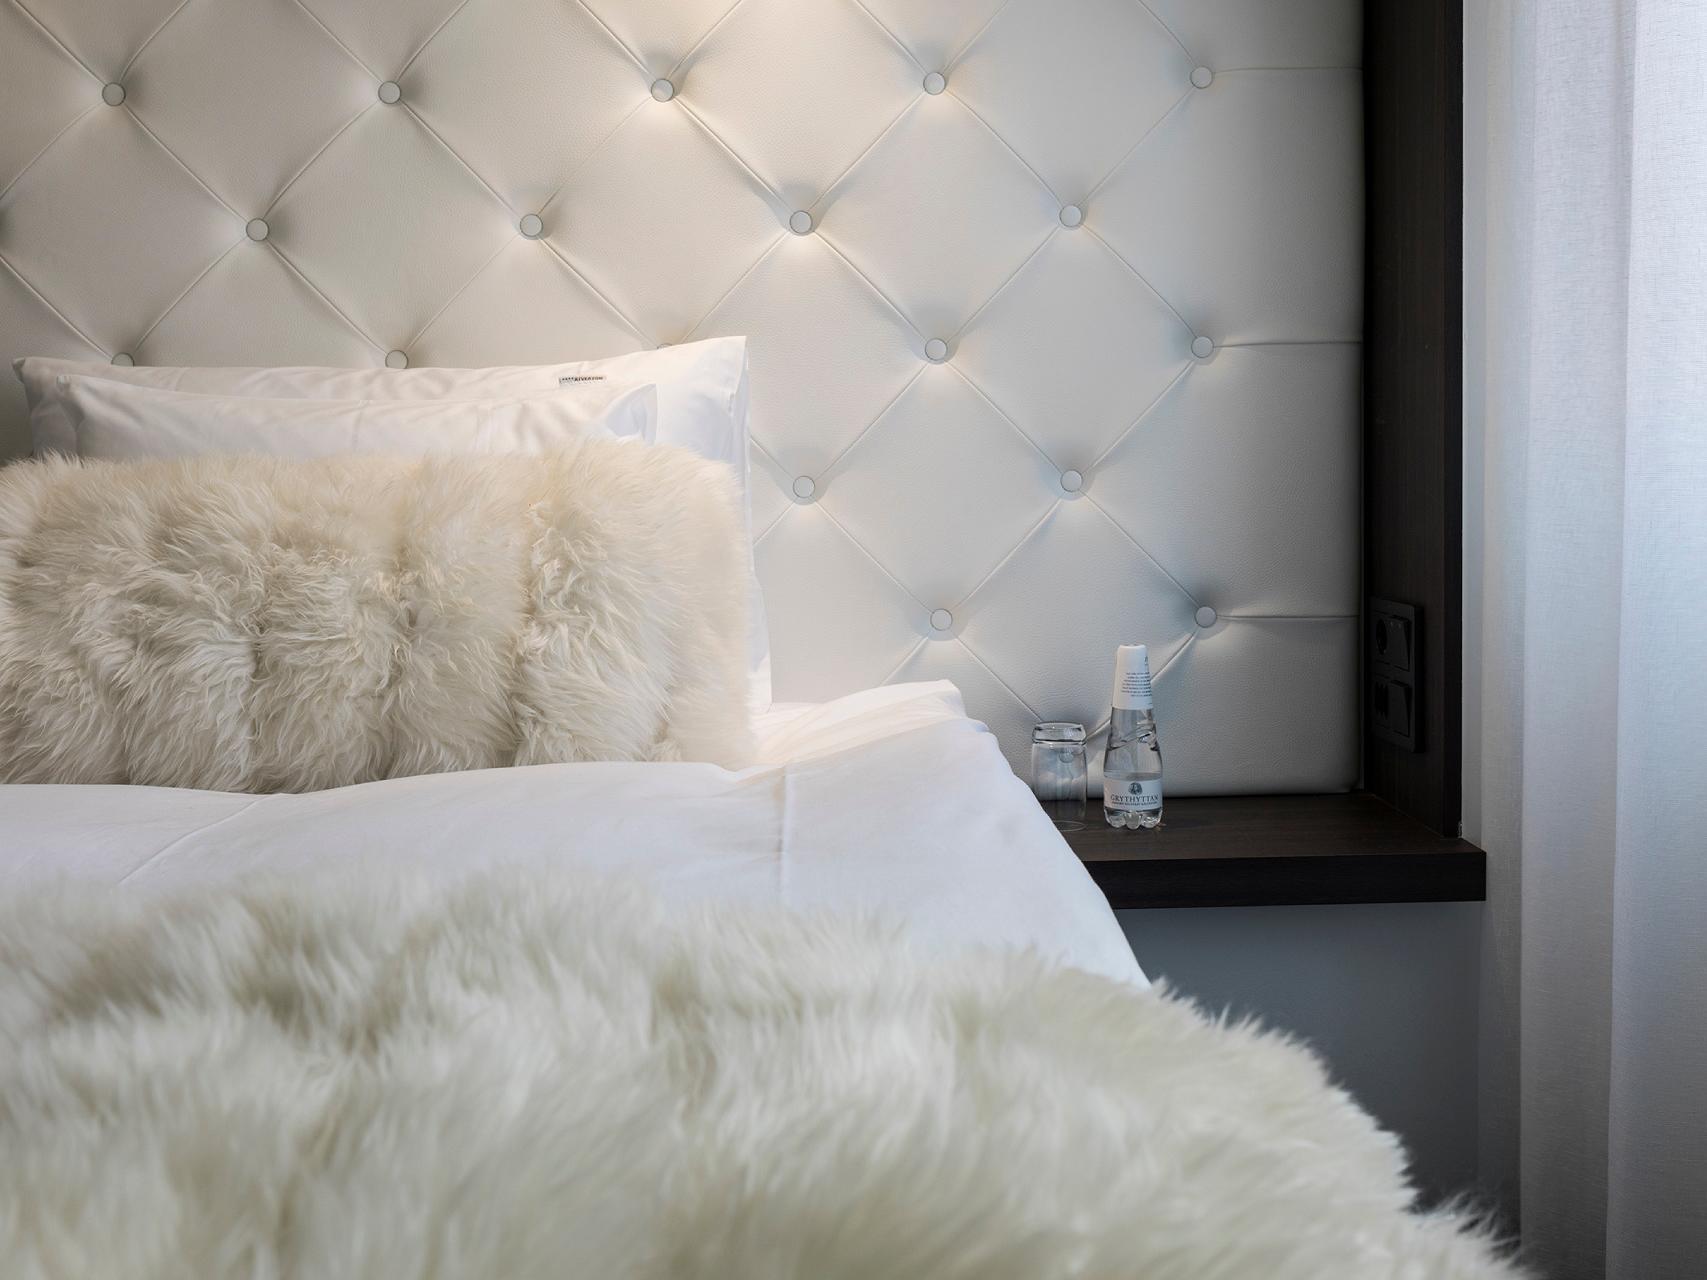 Superior Plus Junior Suite - Hotel Riverton, Gothenburg